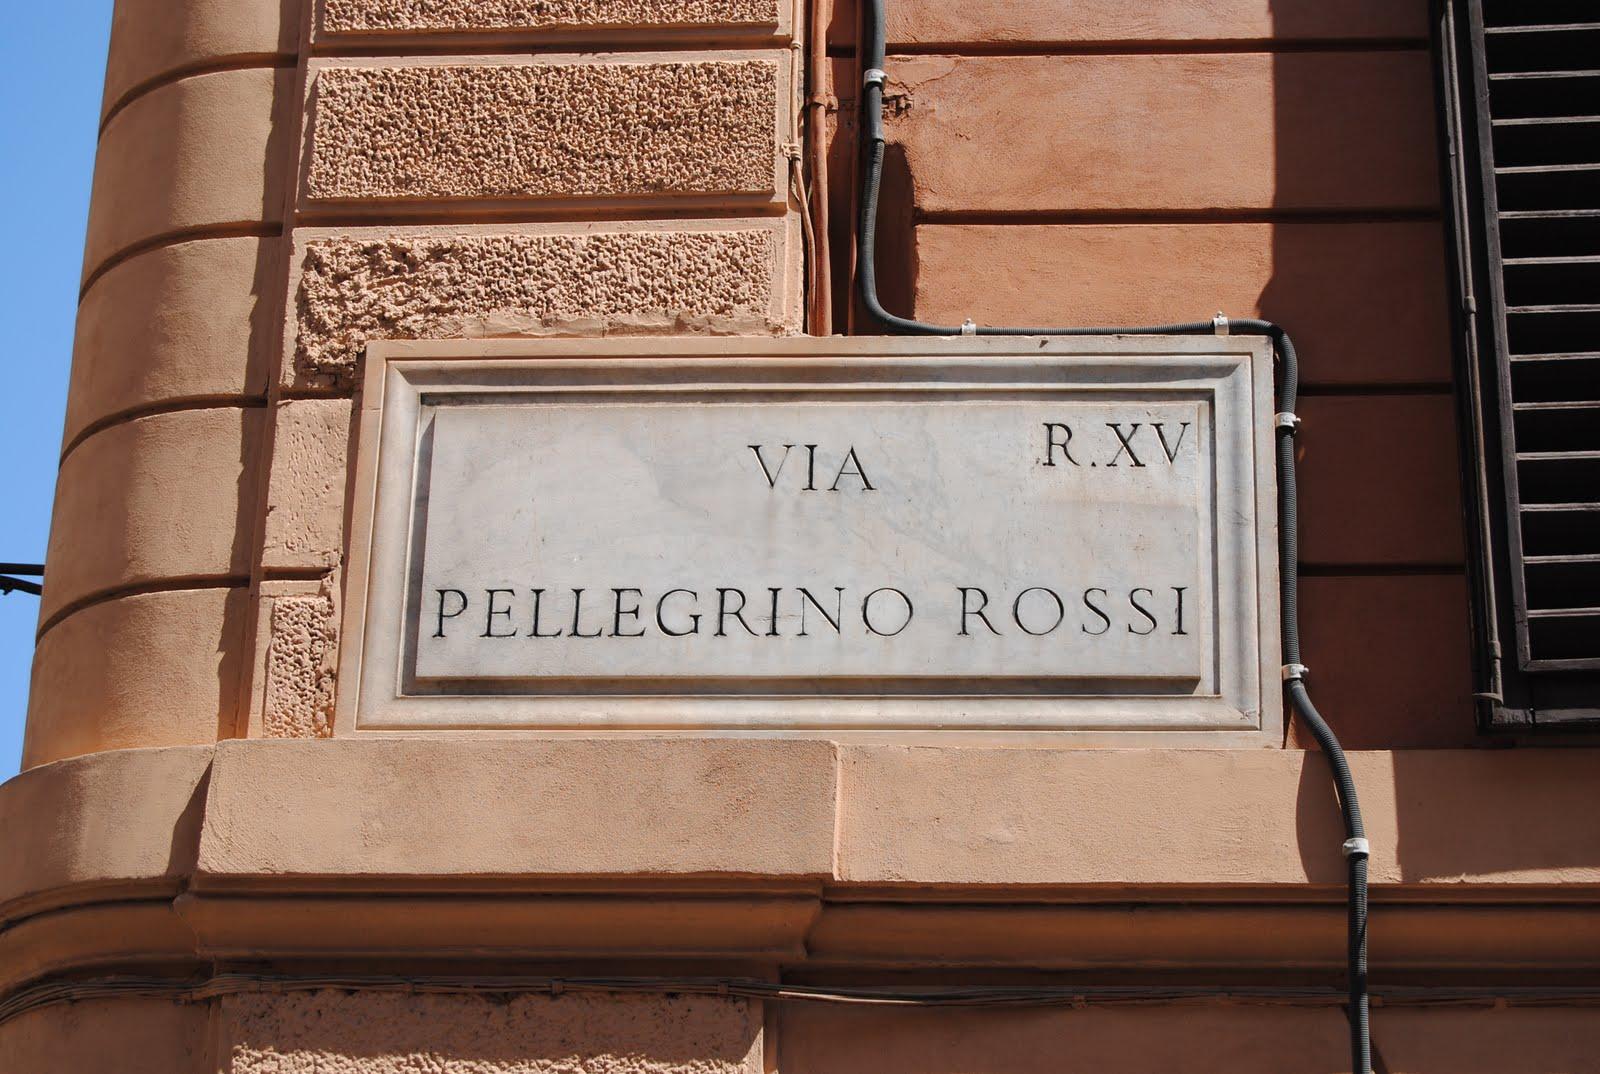 Orbis Catholicus Secundus: Rome's Via Pellegrino Rossi: In